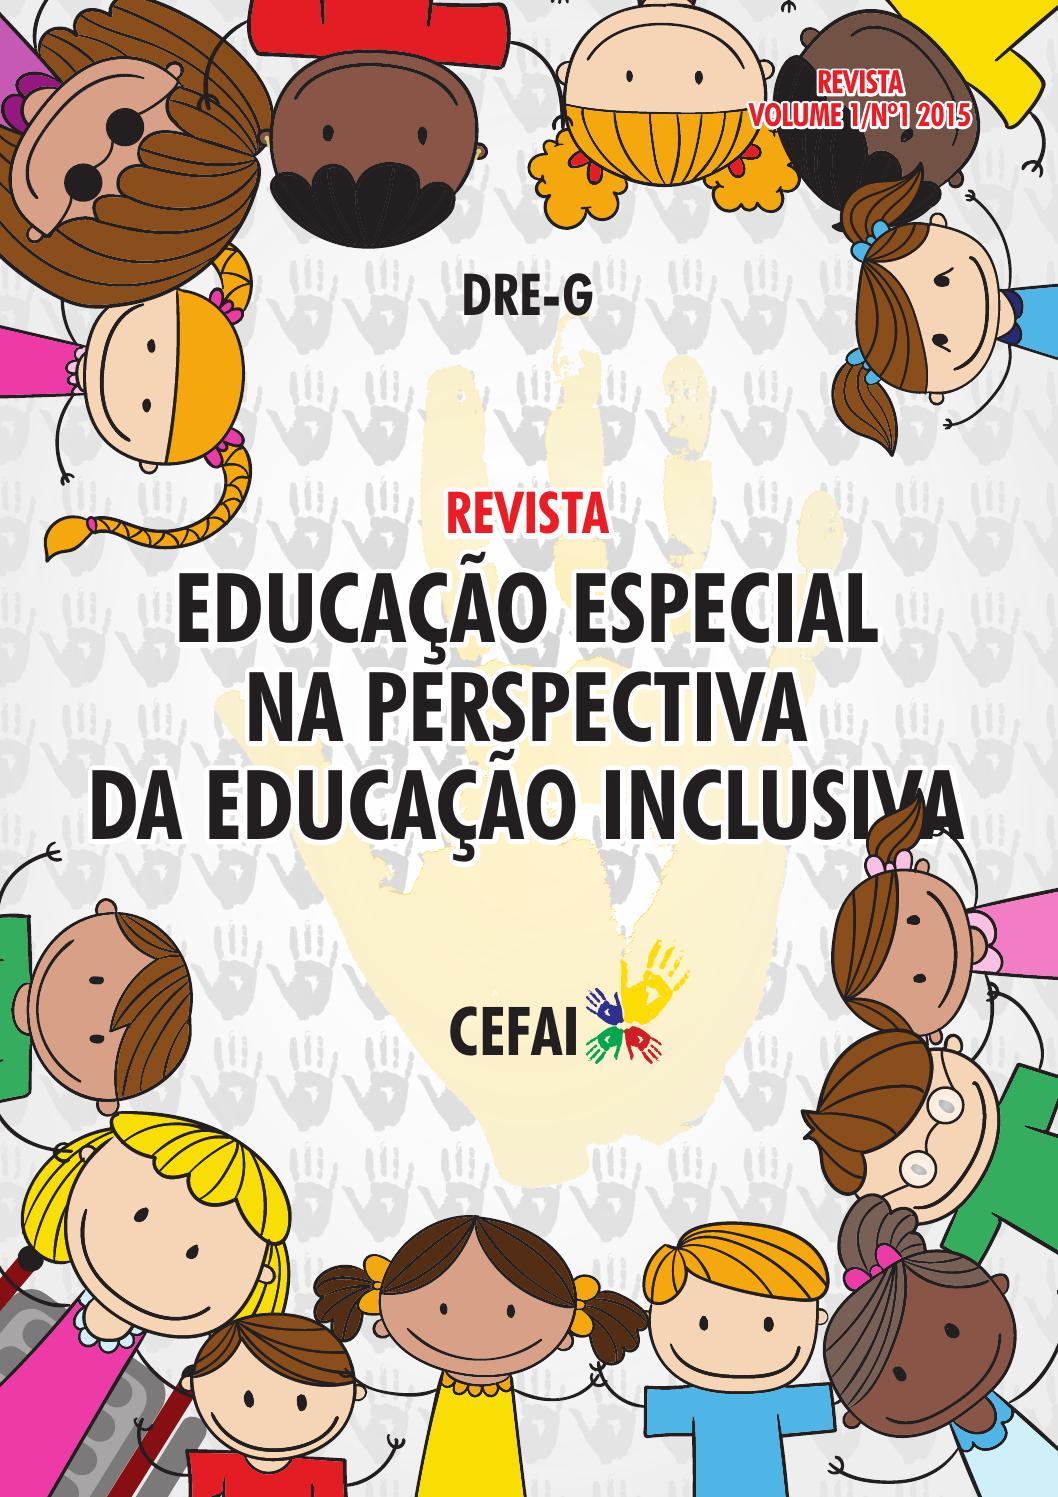 Importancia da educação especial